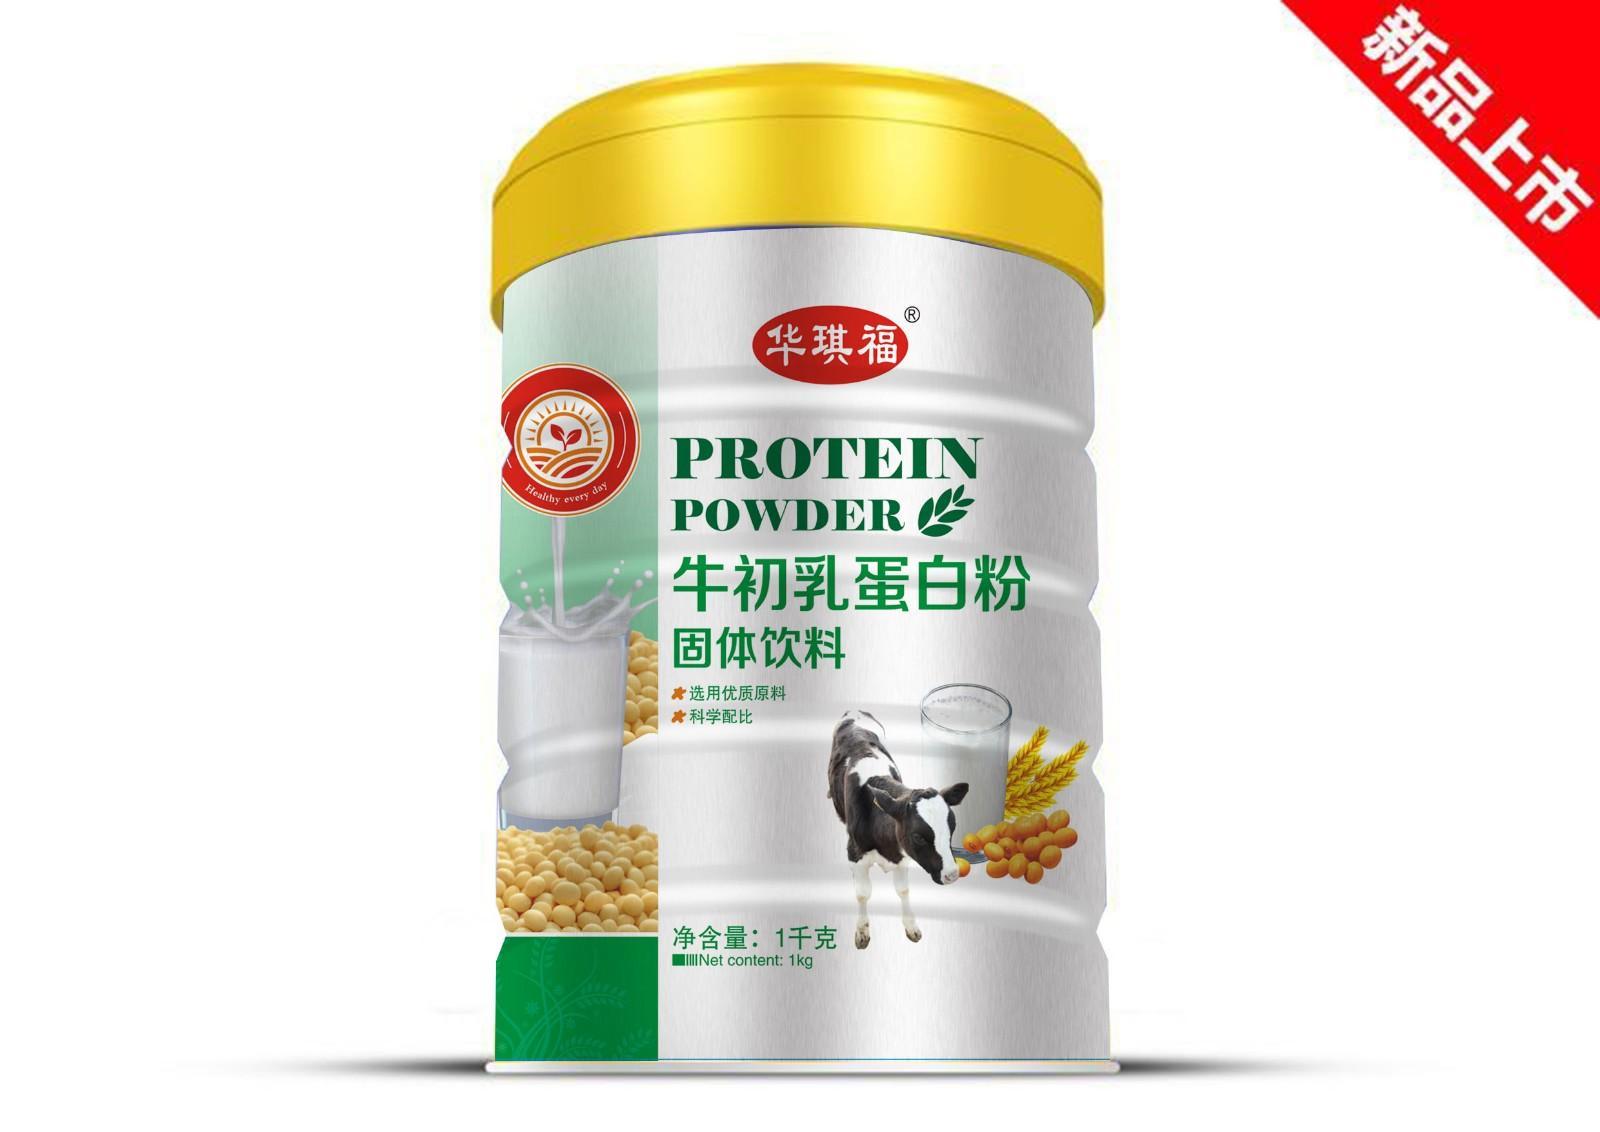 华茂-牛初乳蛋白粉招商